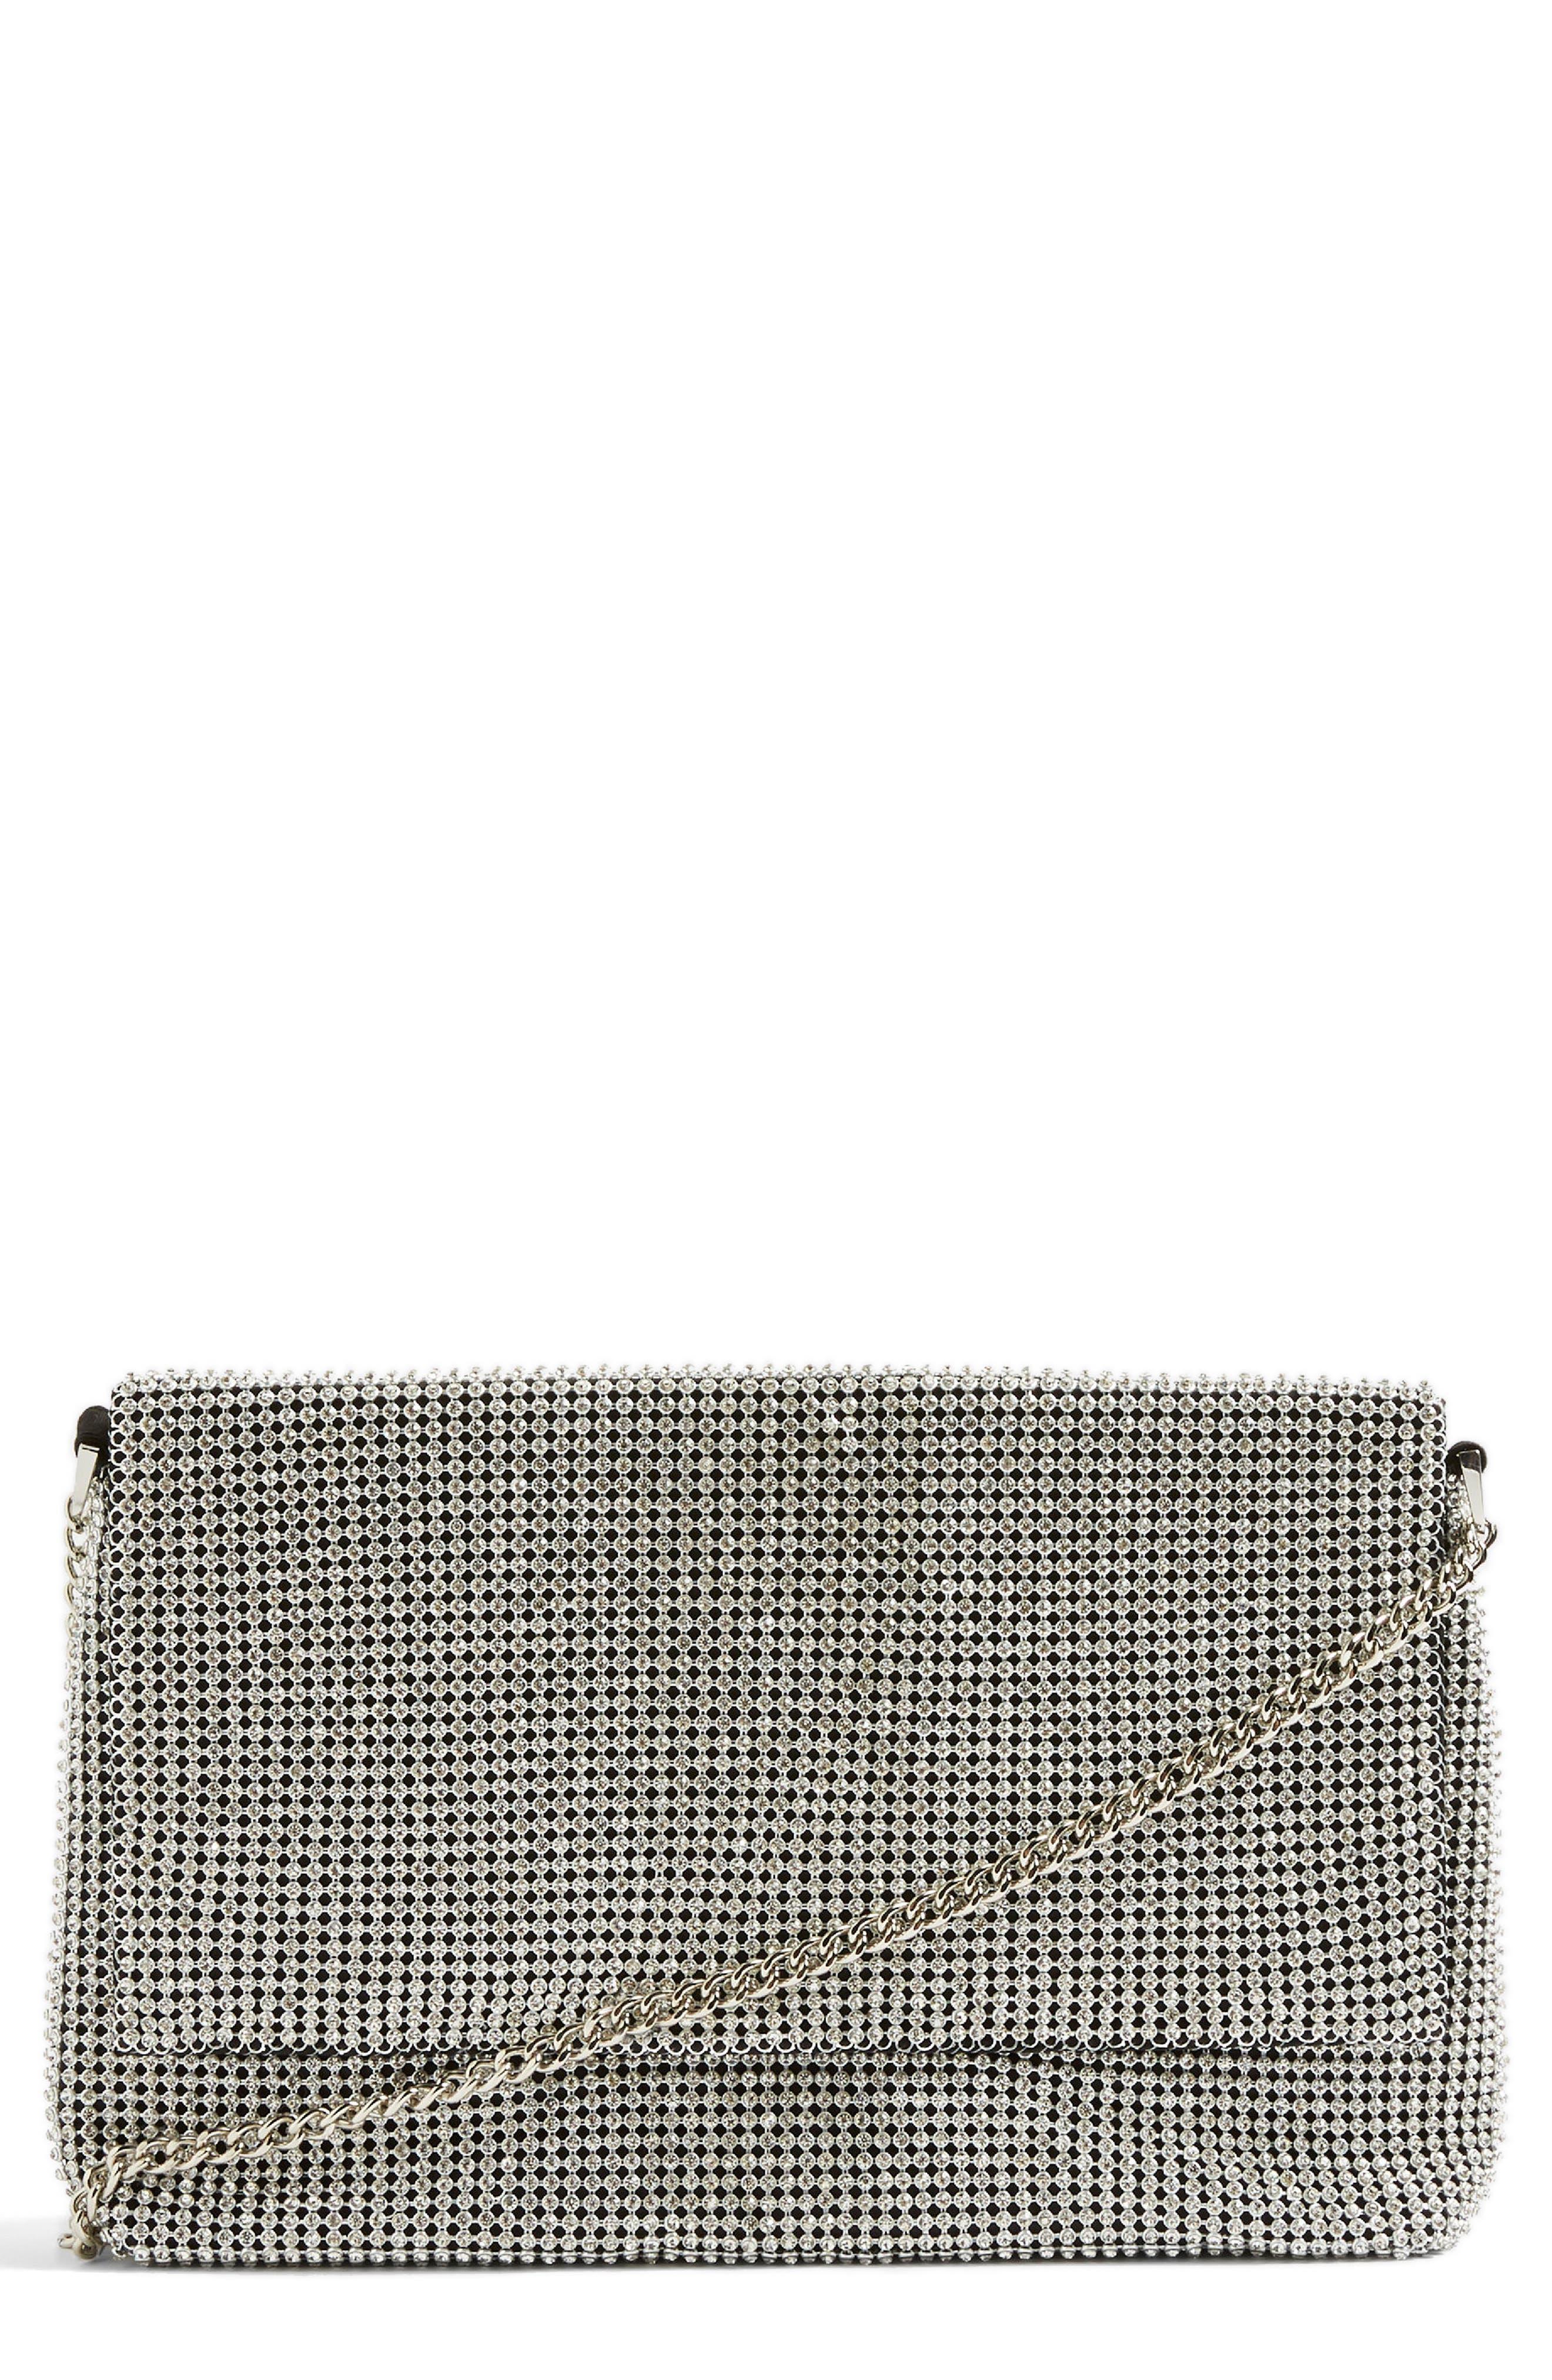 Diana Diamante Clutch Bag,                         Main,                         color,